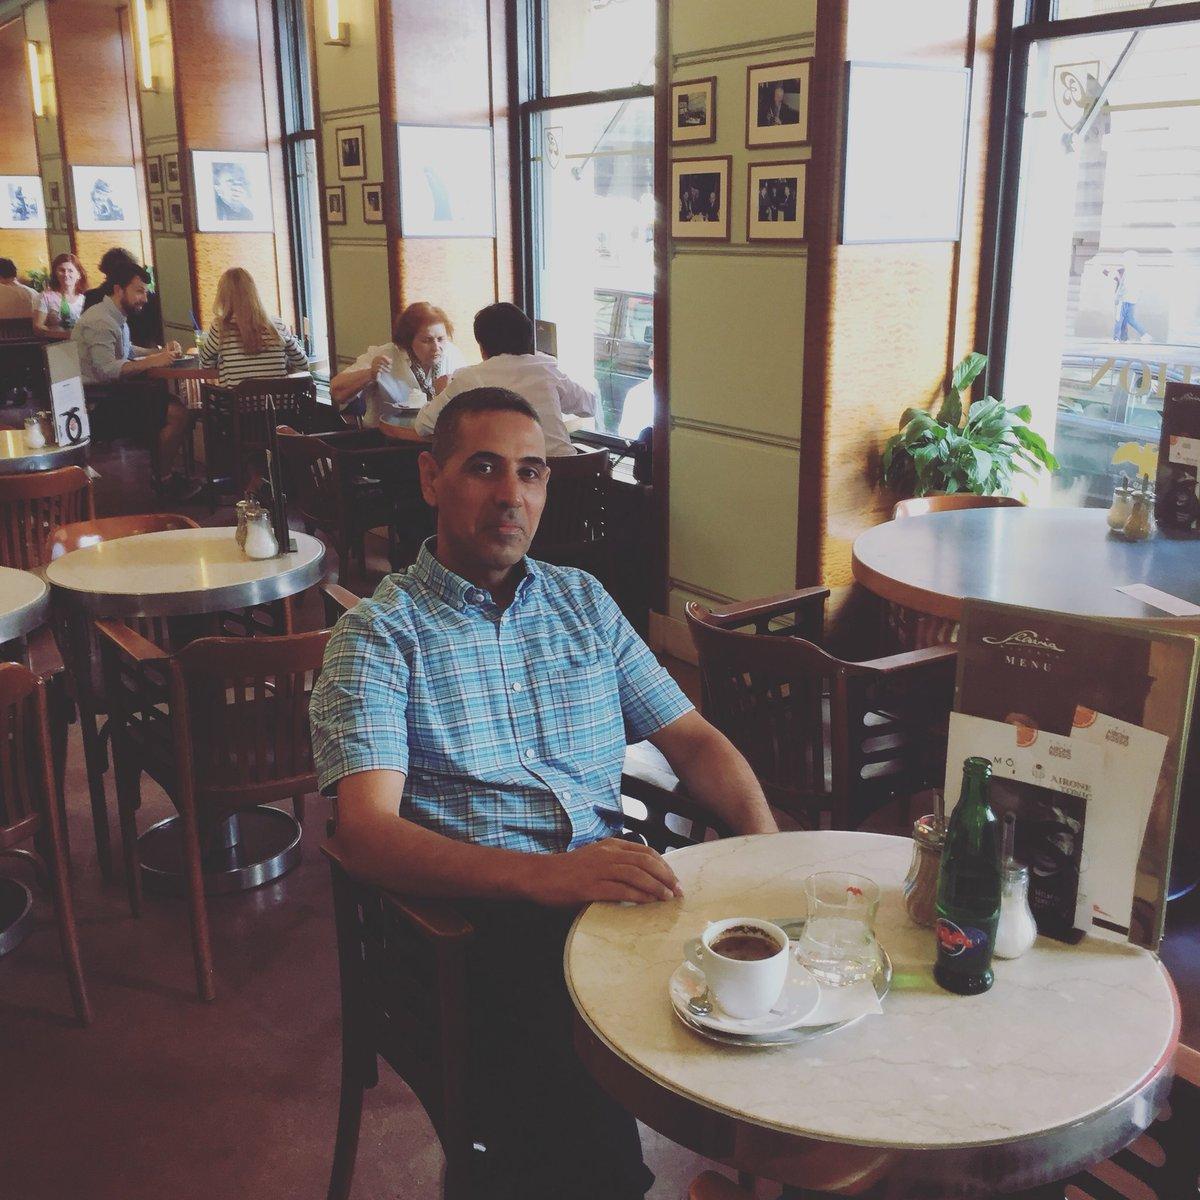 هزبر محمود فى مقهى سلافيا فى براغ حيث كان الجواهري يقضي معظم أوقاته